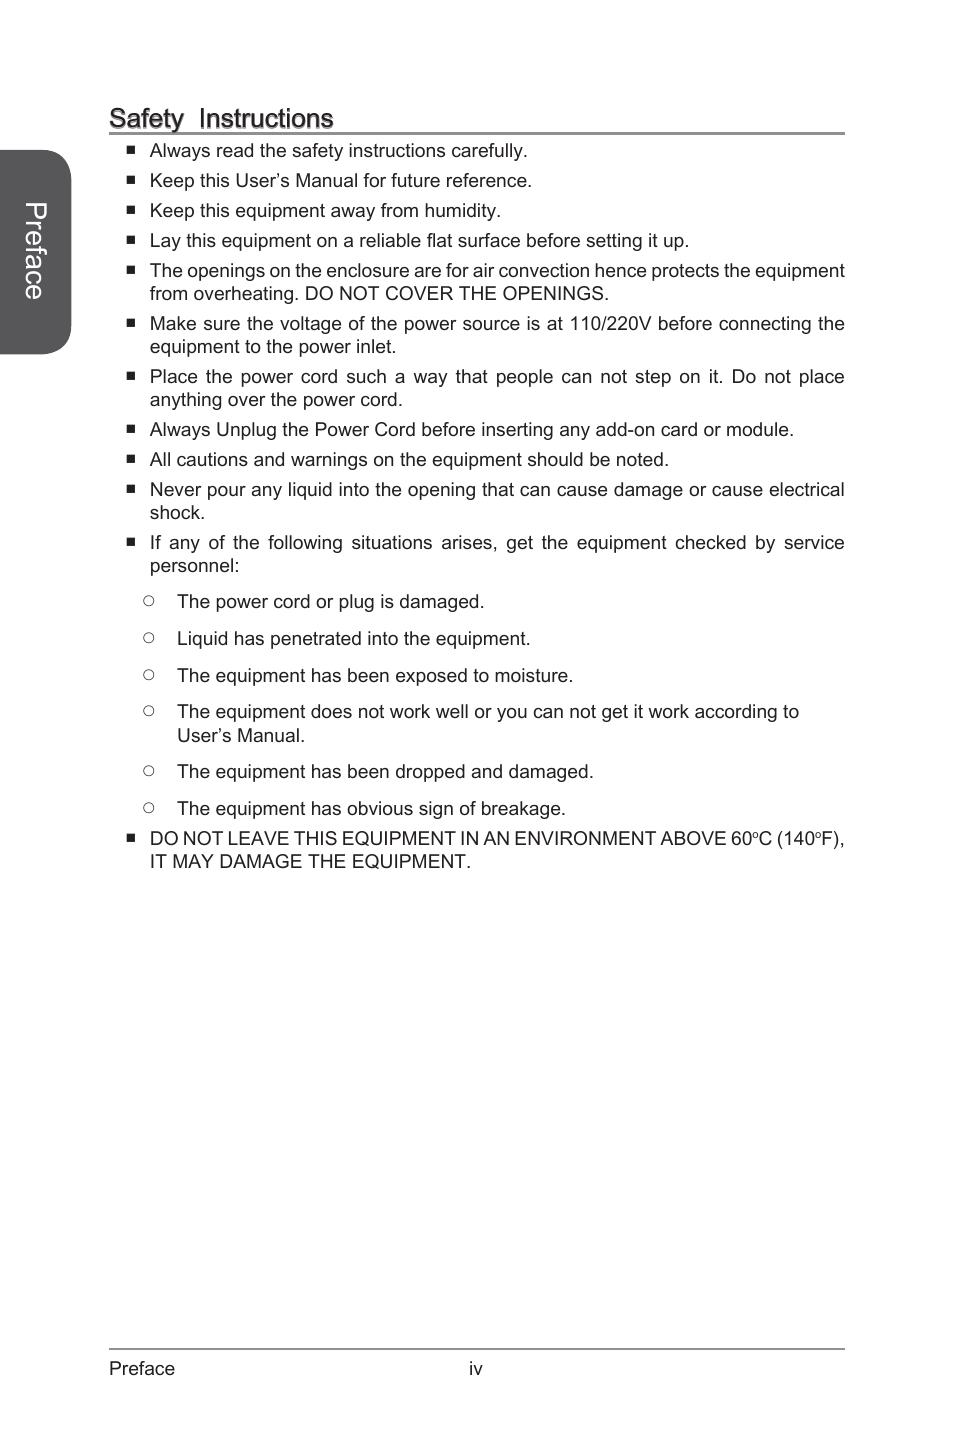 msi 970 gaming motherboard manual